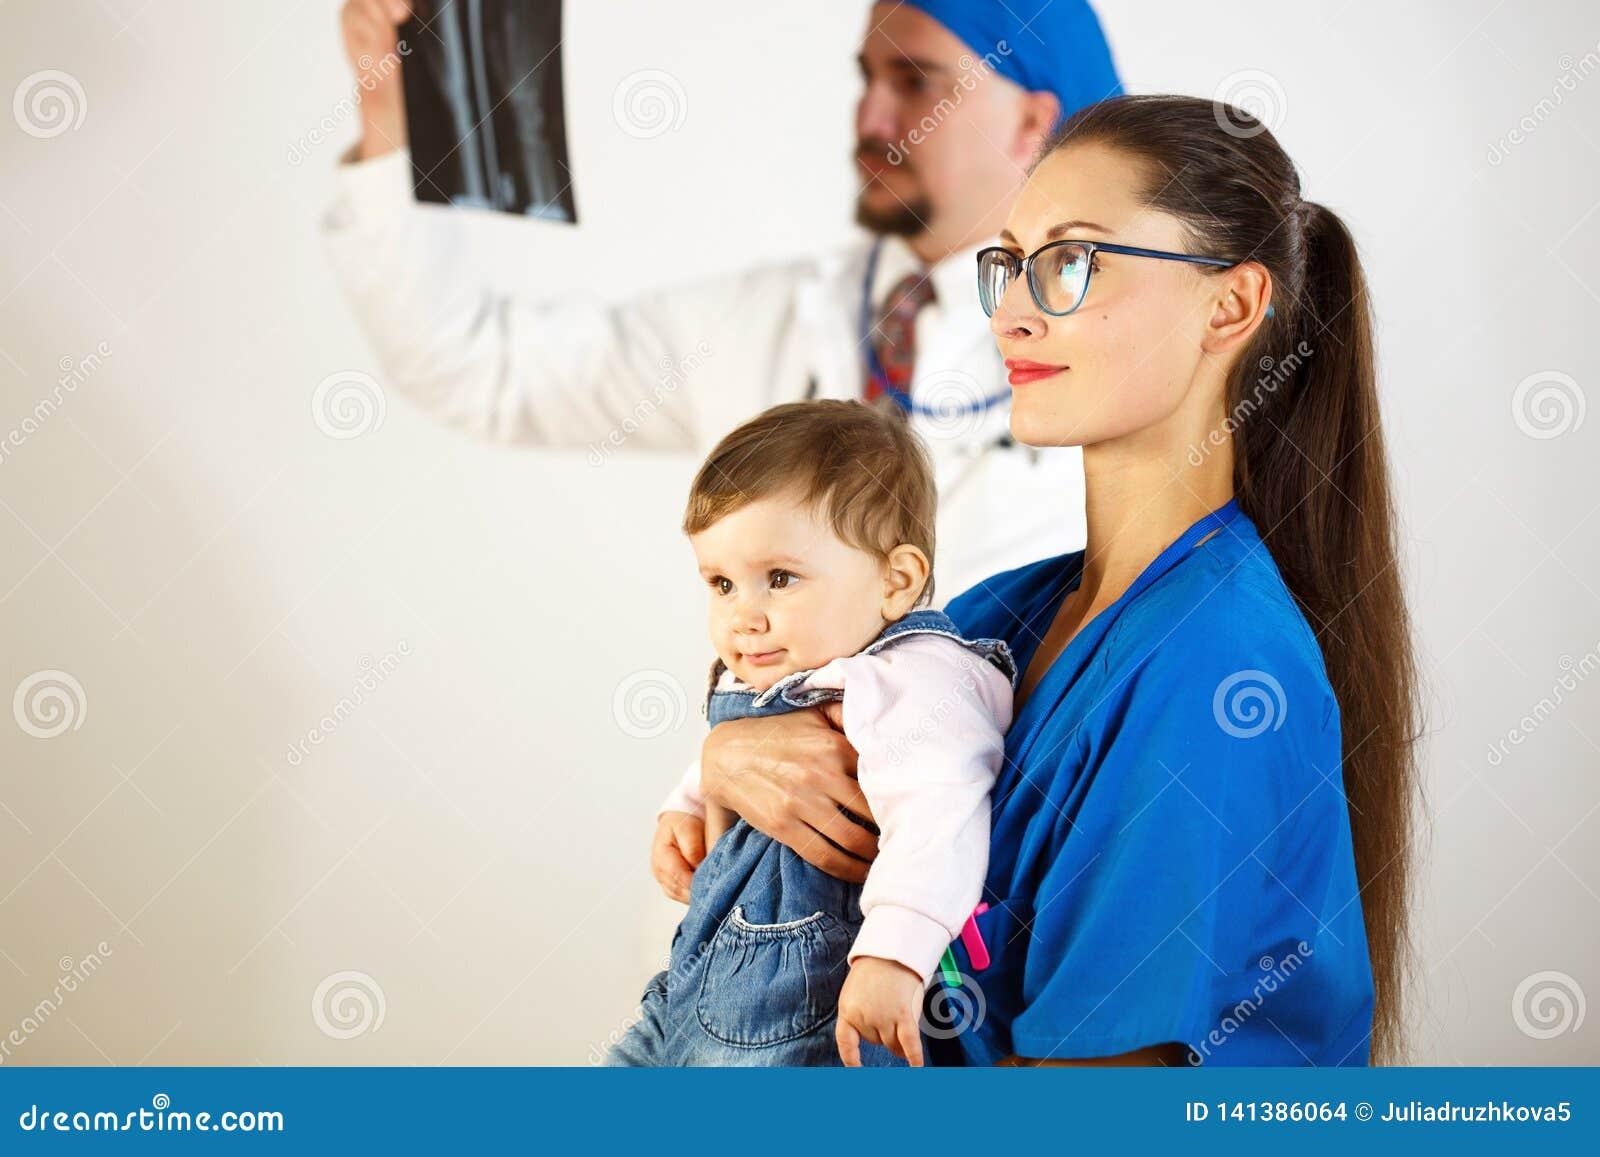 Ребенок сидит в руках доктора, второй доктор смотрит рентгеновский снимок Белая предпосылка